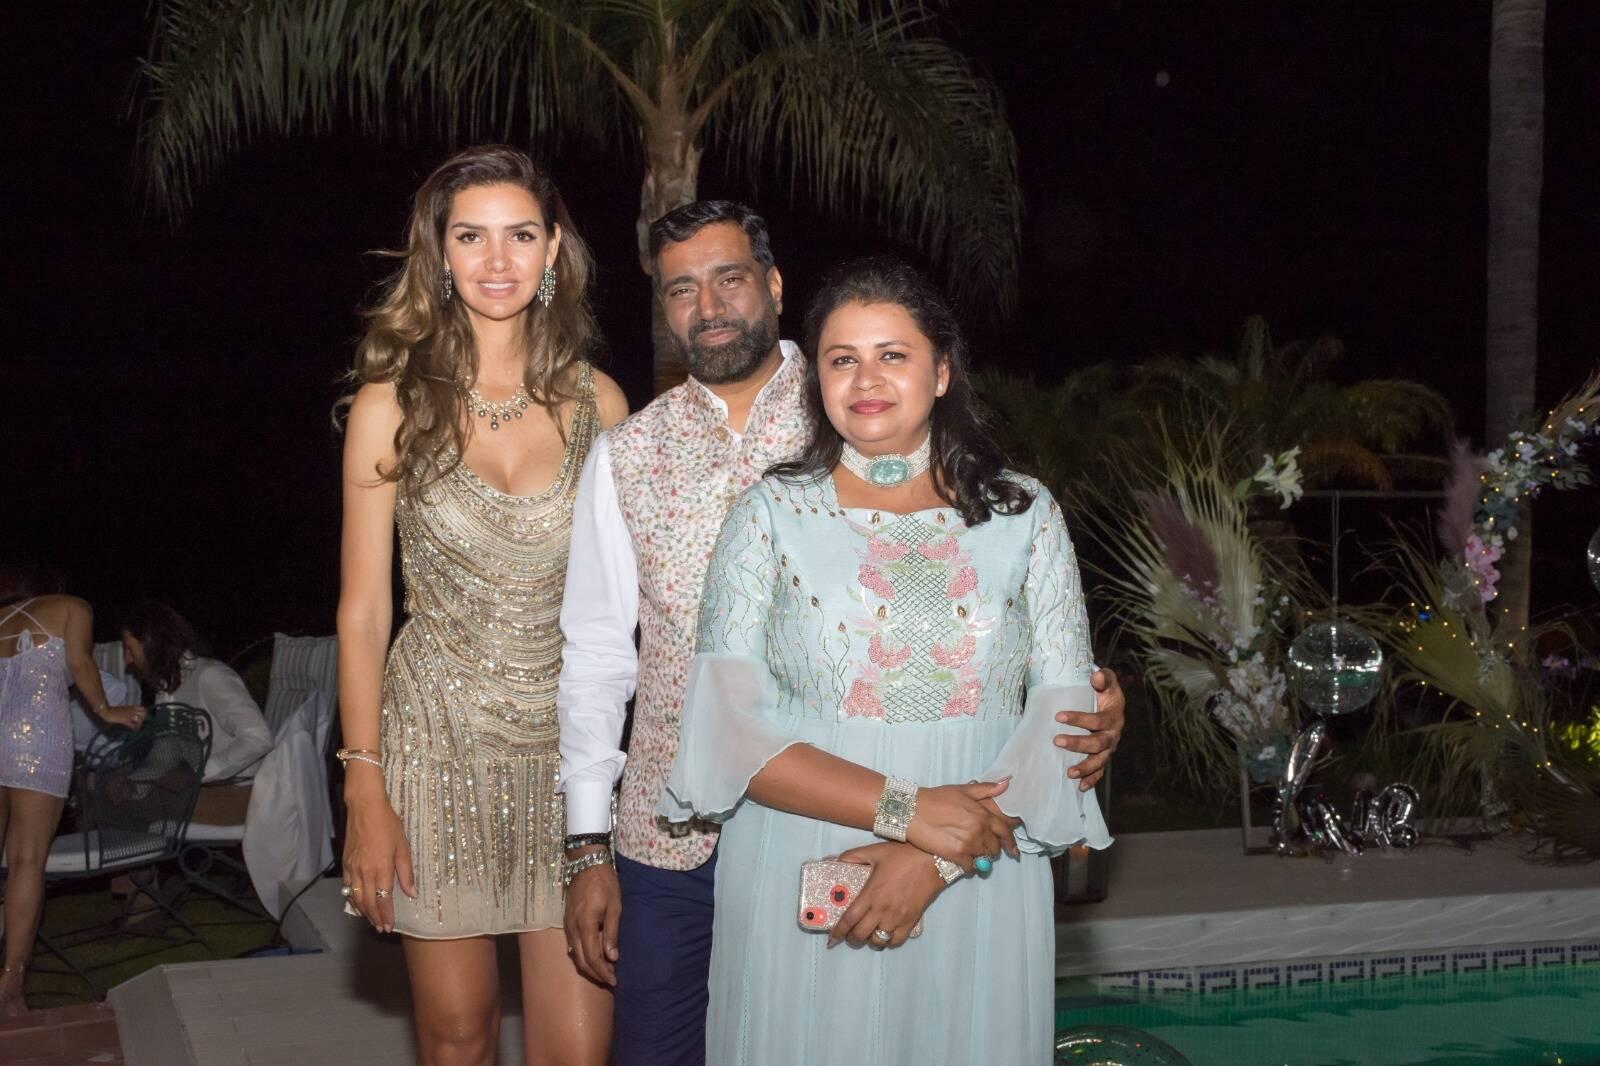 A estilista brasileira, Ana Maria Macedo, proprietária da Anamaria Couture, juntamente com os joalheiros Manish Jain e a sua esposa Chanchal Jain, (Foto: Divulgação)